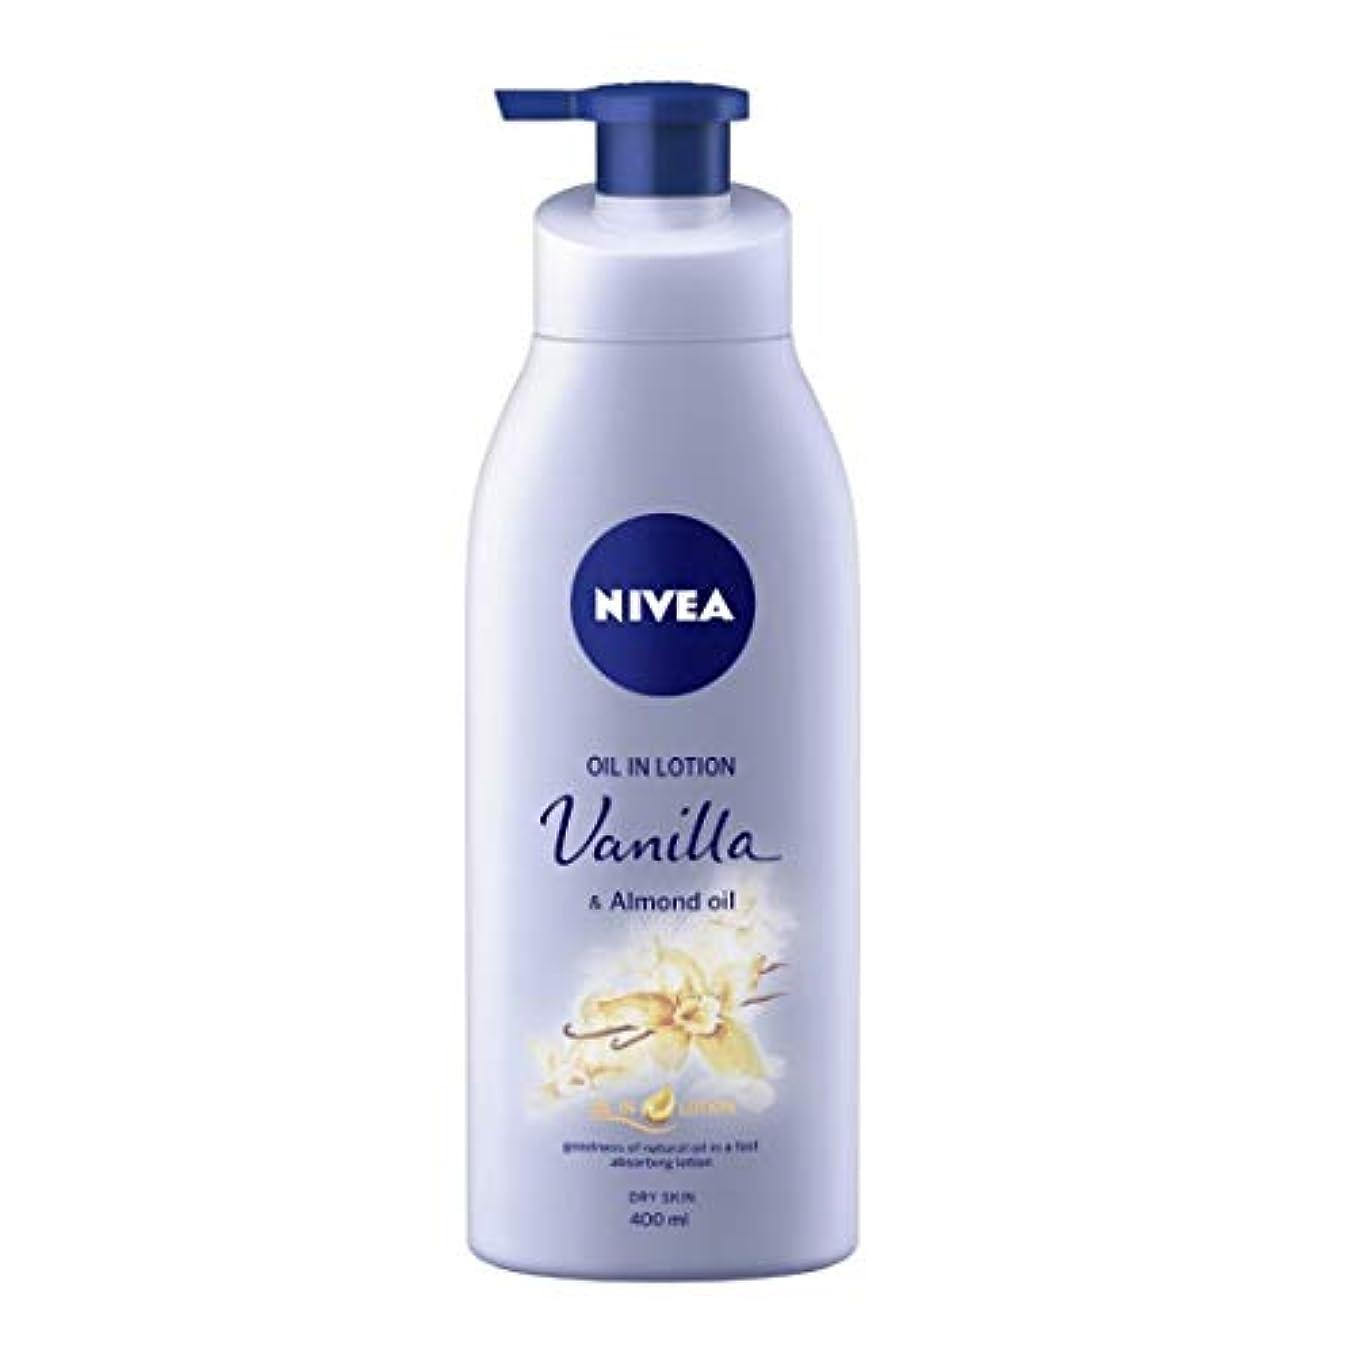 ジャンク当社故意にNIVEA Oil in Lotion, Vanilla and Almond Oil, 400ml